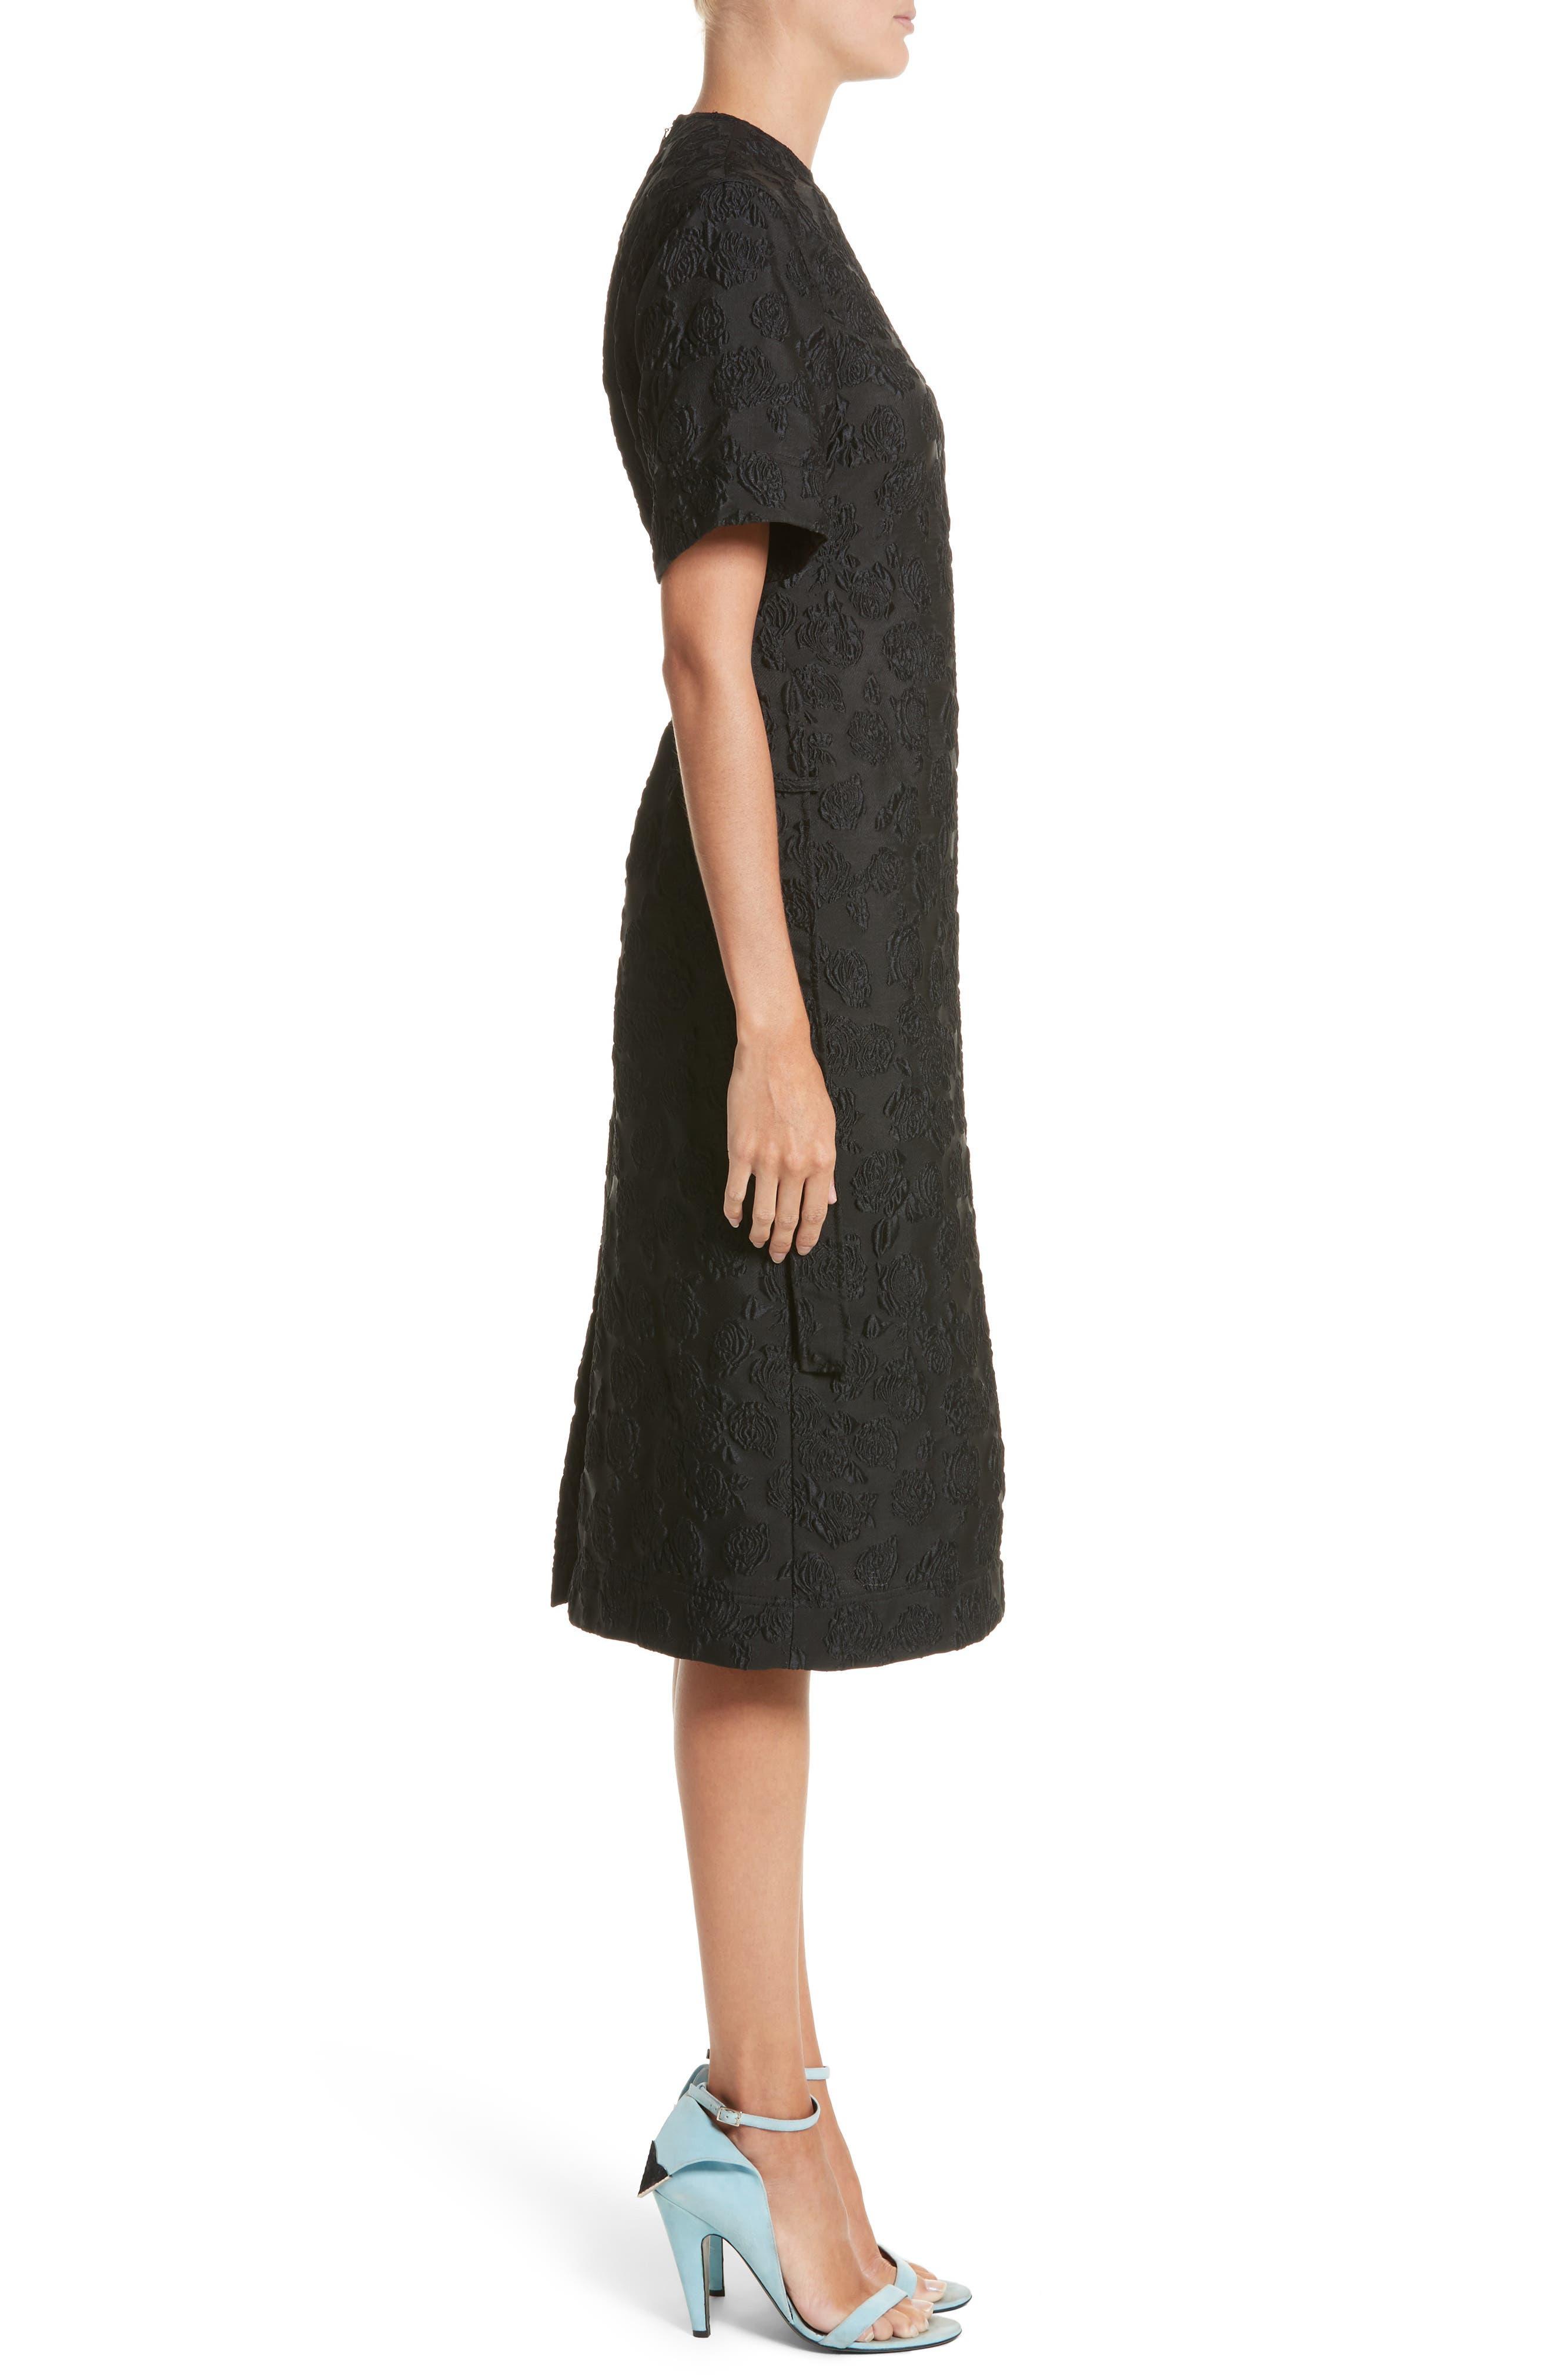 Rose Jacquard Dress,                             Alternate thumbnail 3, color,                             001